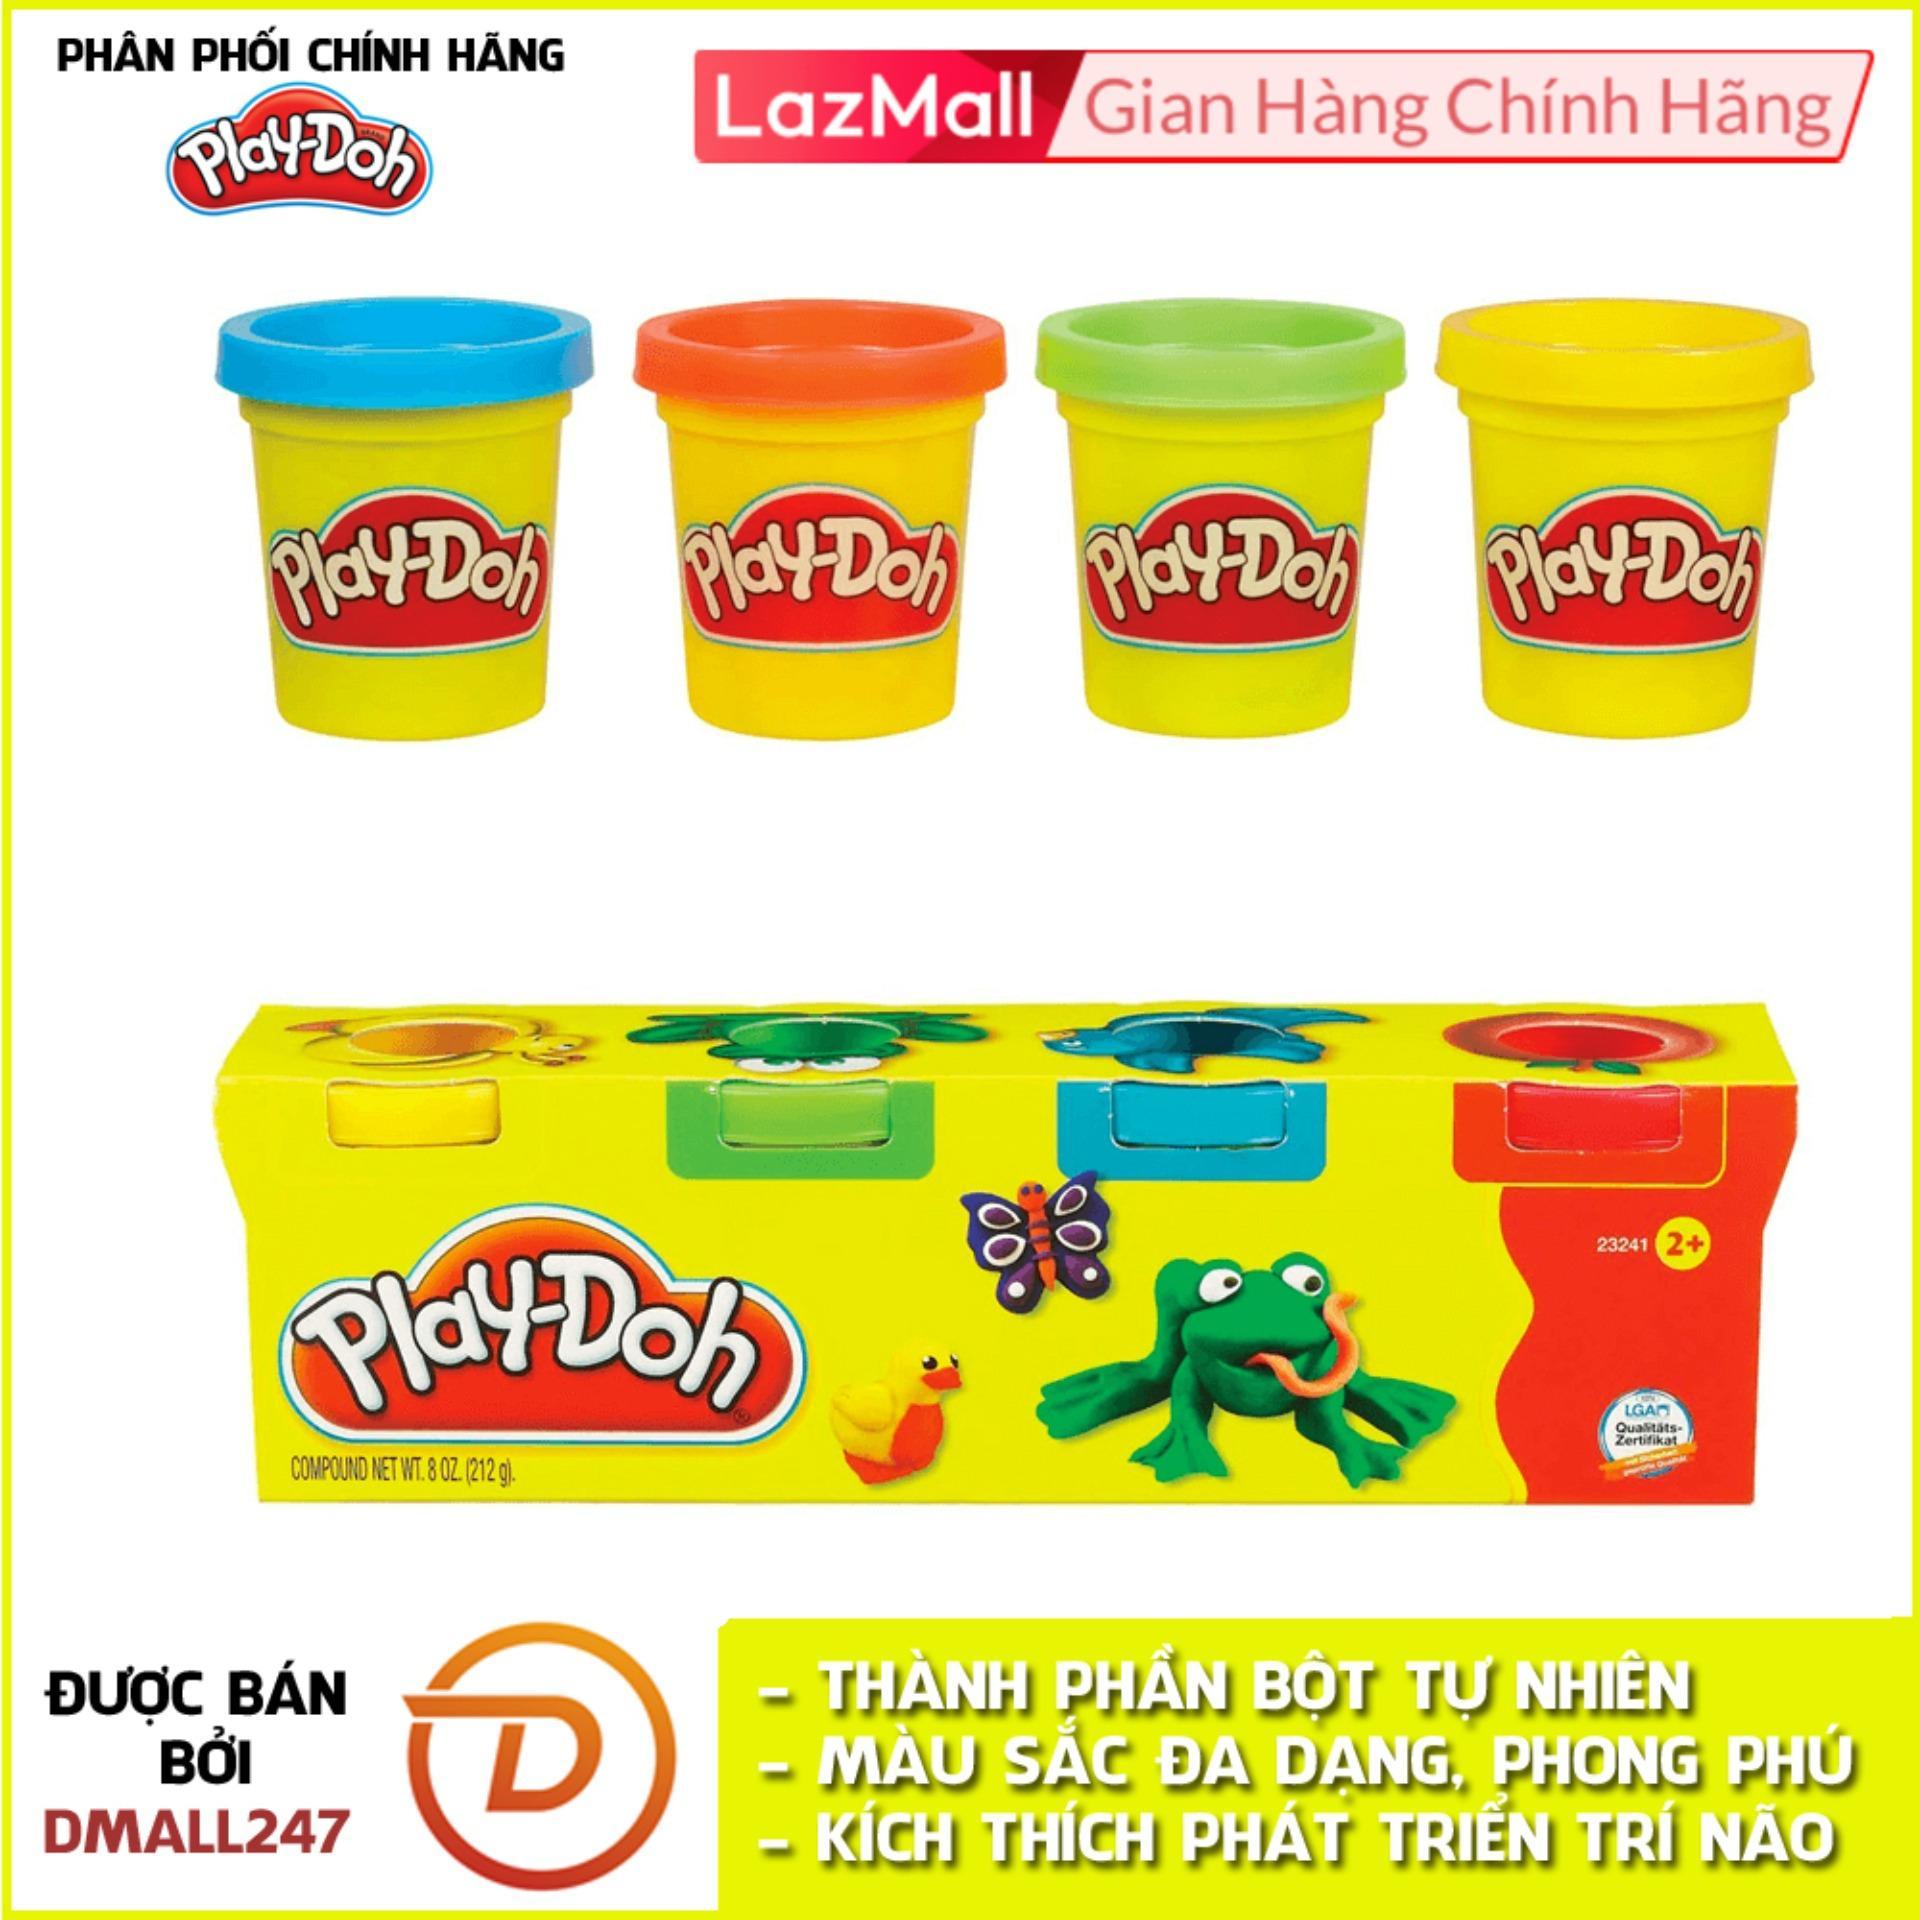 Bộ Bột Nặn Tạo Hình 4 Màu Mini Play-Doh 23241 Giá Rất Tiết Kiệm